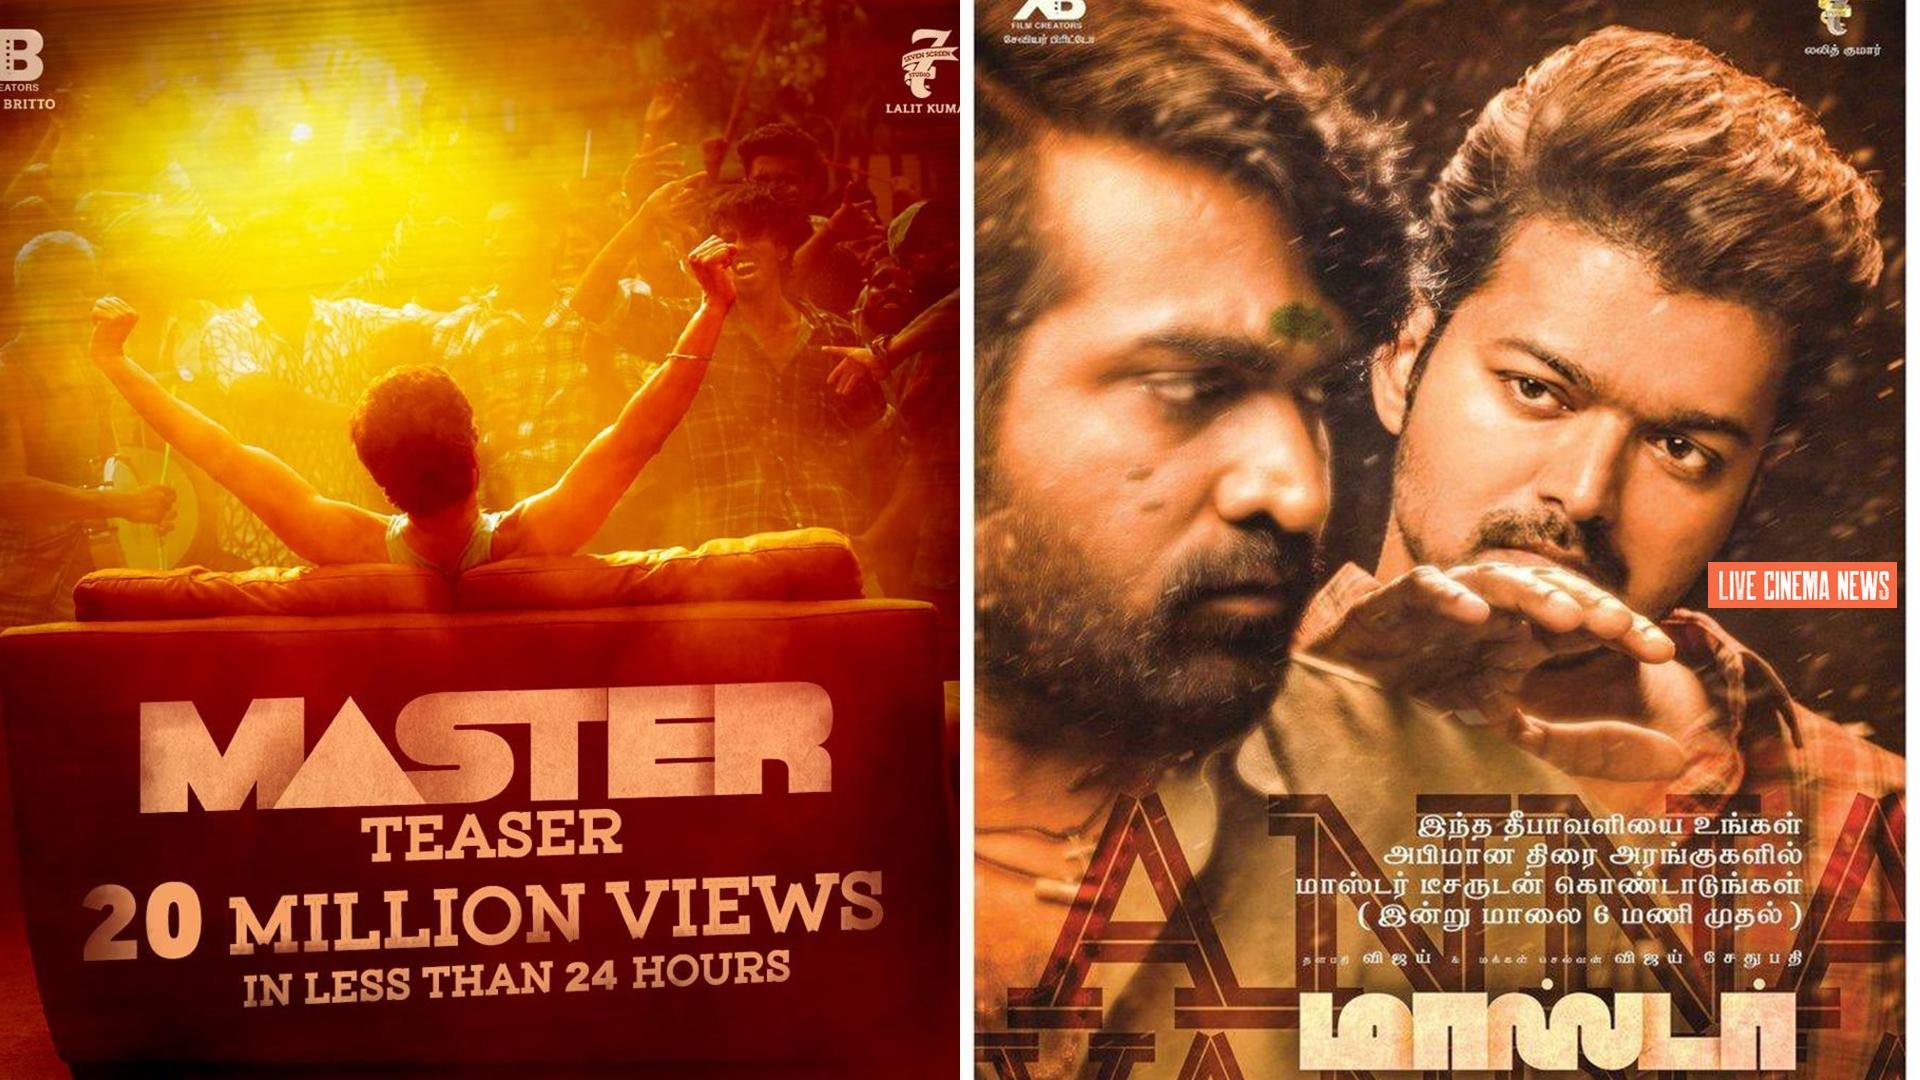 Thalapathy Vijay is back as 'Pakka' Master